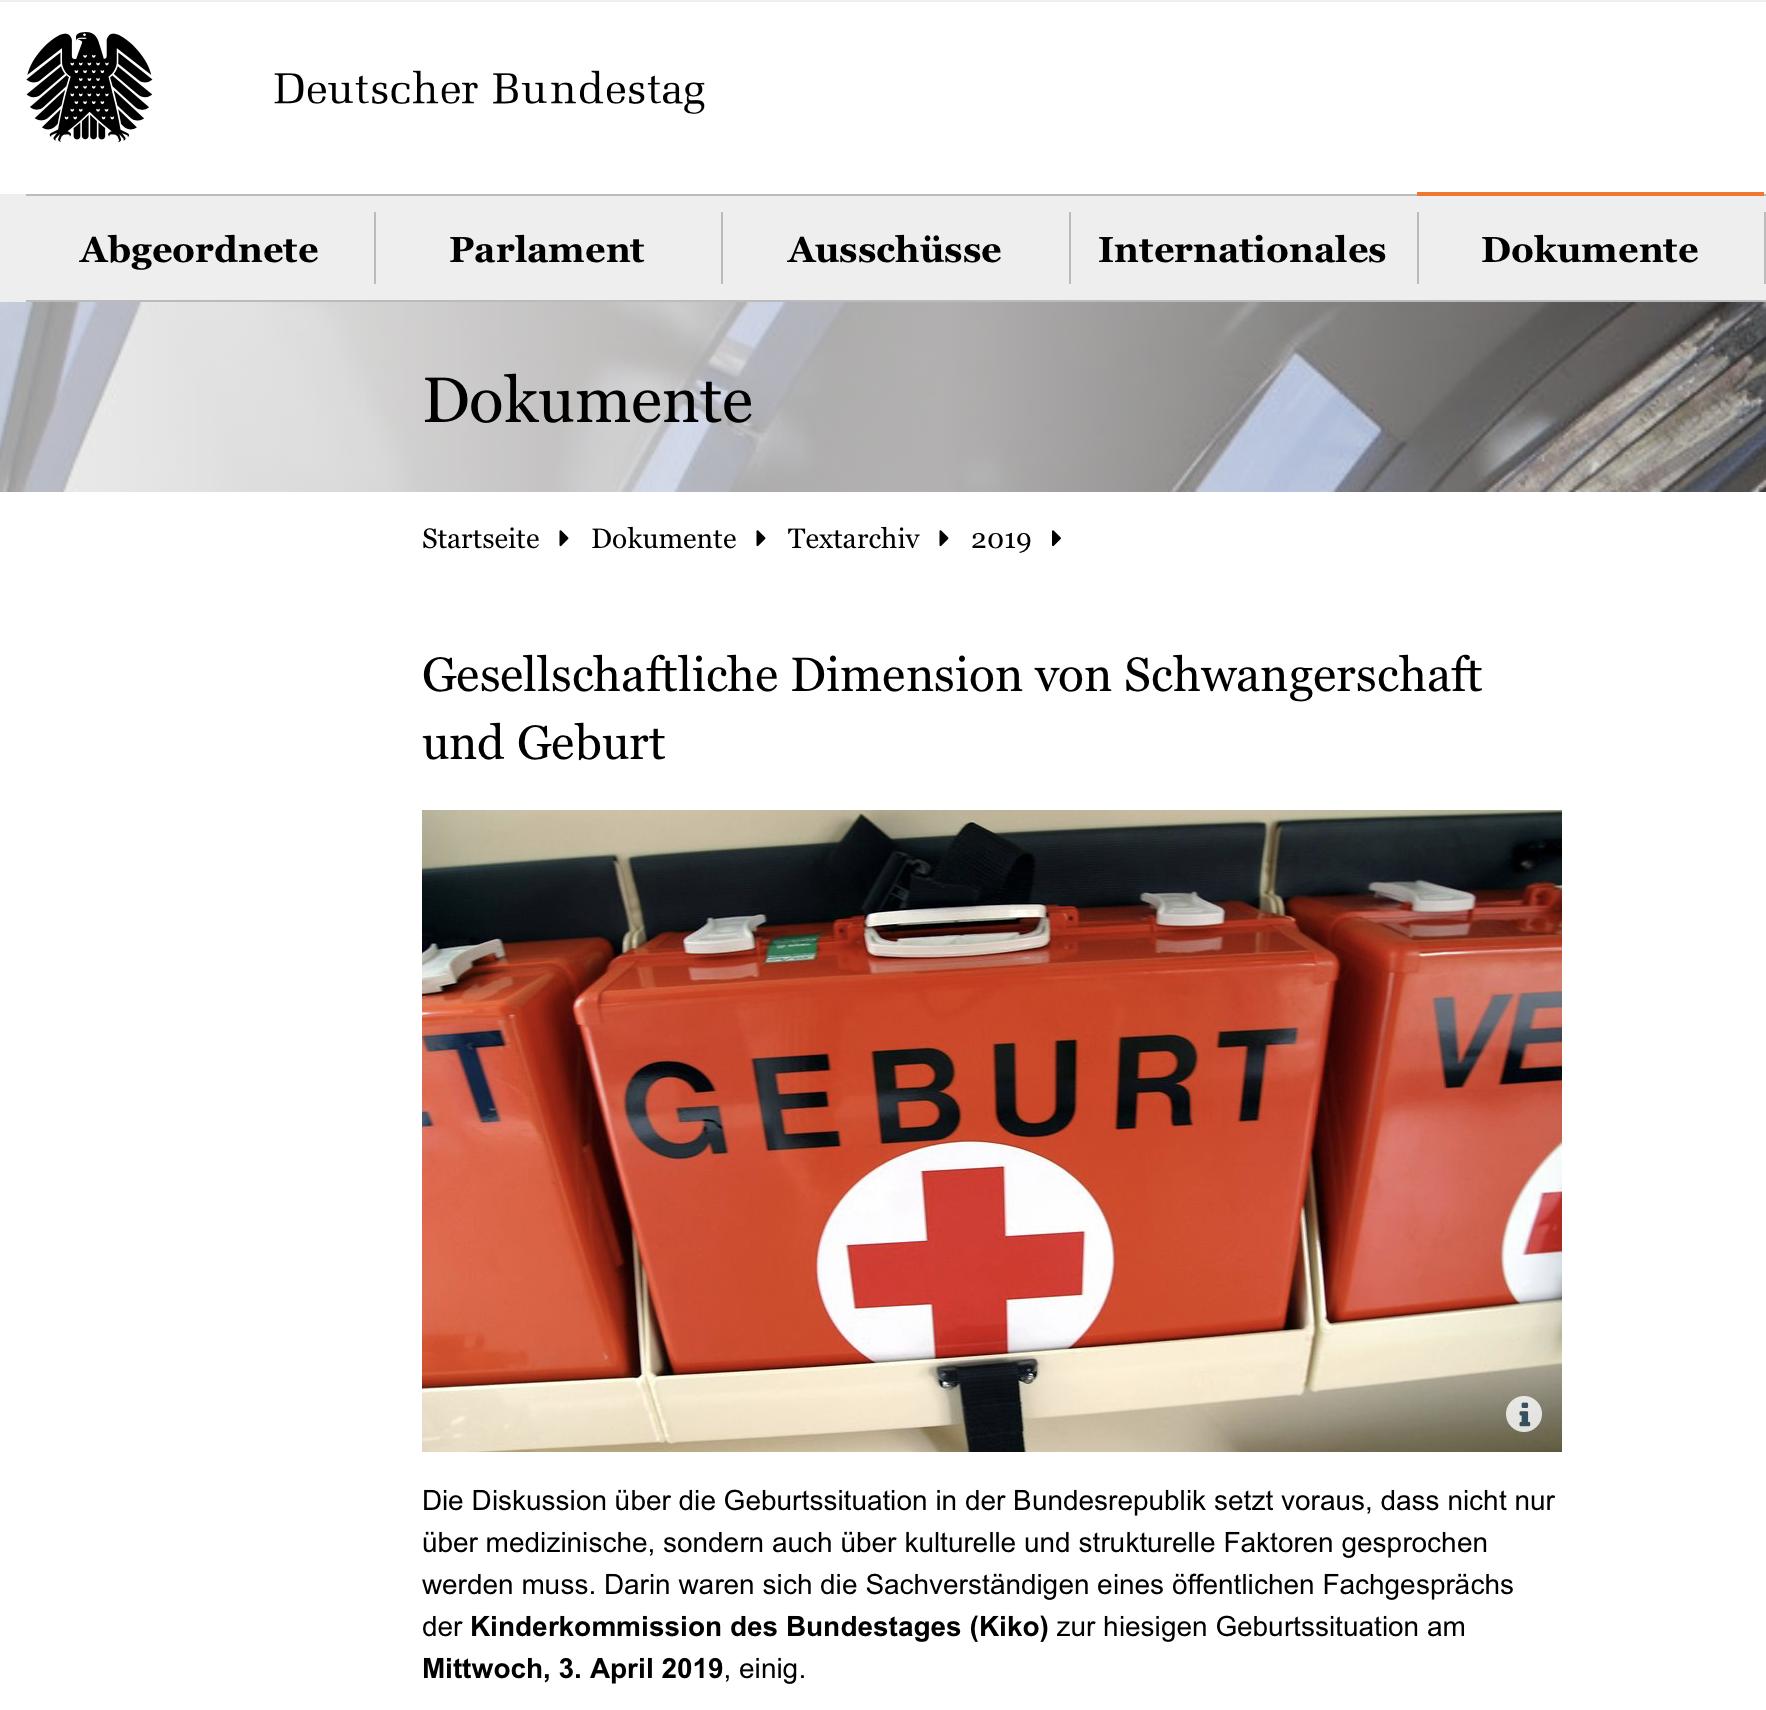 Lesetip: Gesellschaftliche Dimension von Schwangerschaft und Geburt (Deutscher Bundestag)